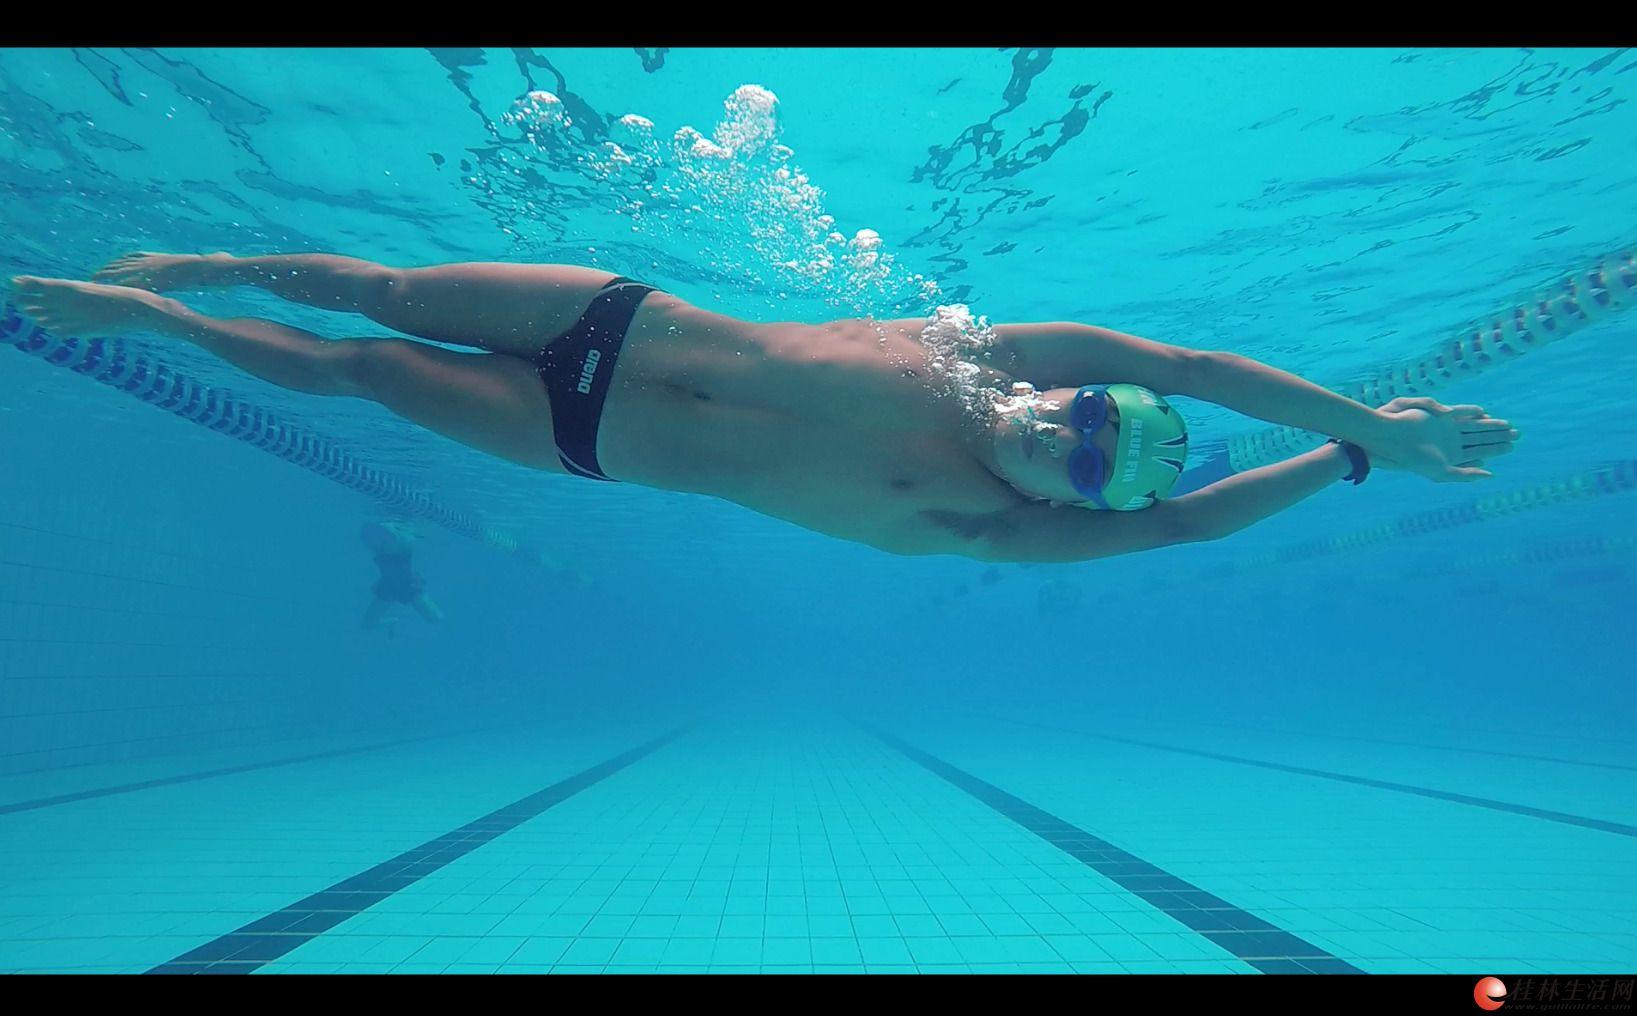 万博体育客户端游泳私教 游泳教练指导 陪游教学 水下拍摄